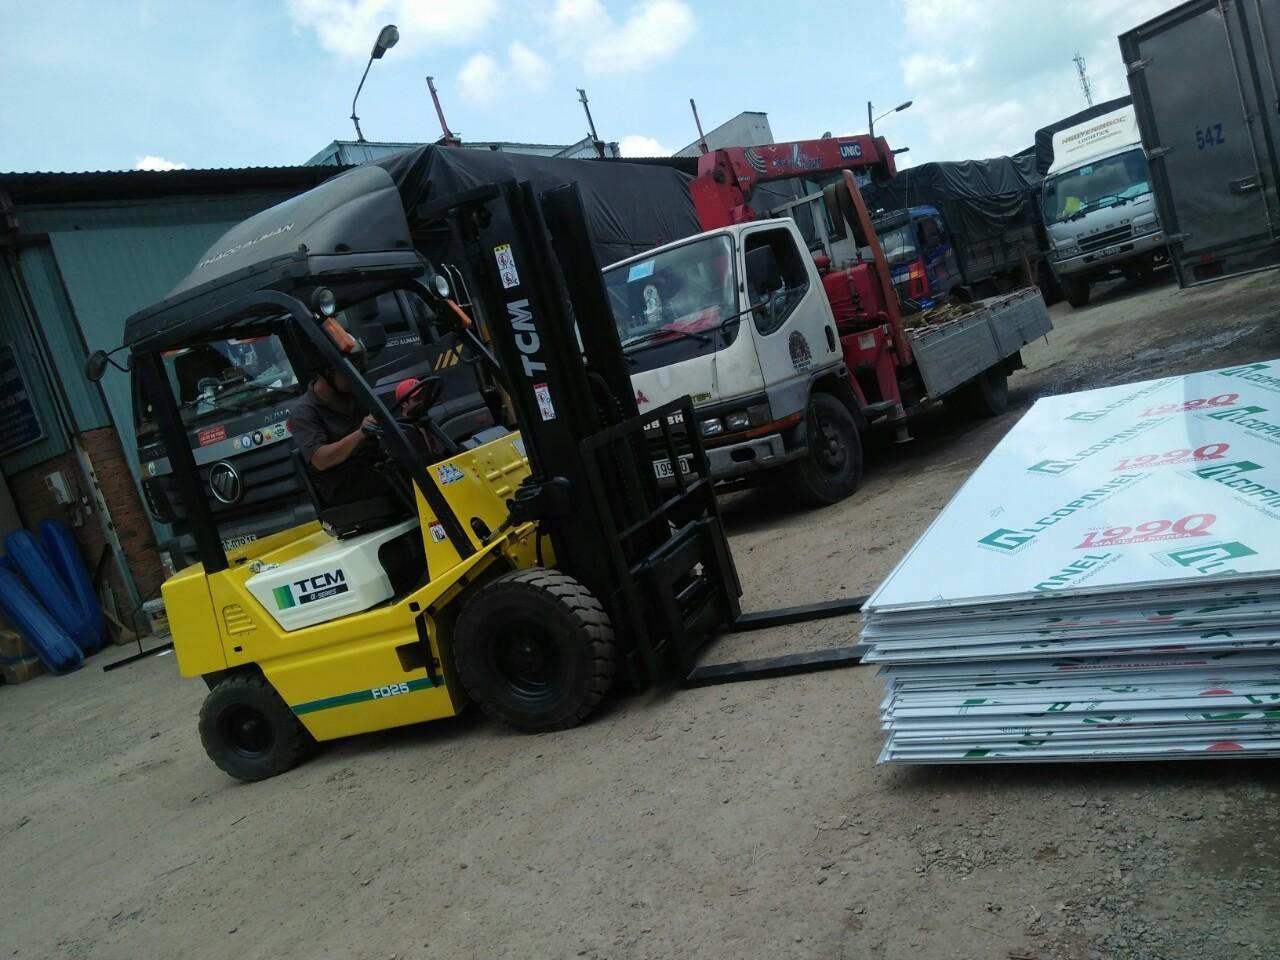 Chành xe đi Cam Ranhgiá rất mềm,chất lượng sản phẩm và dịch vụ